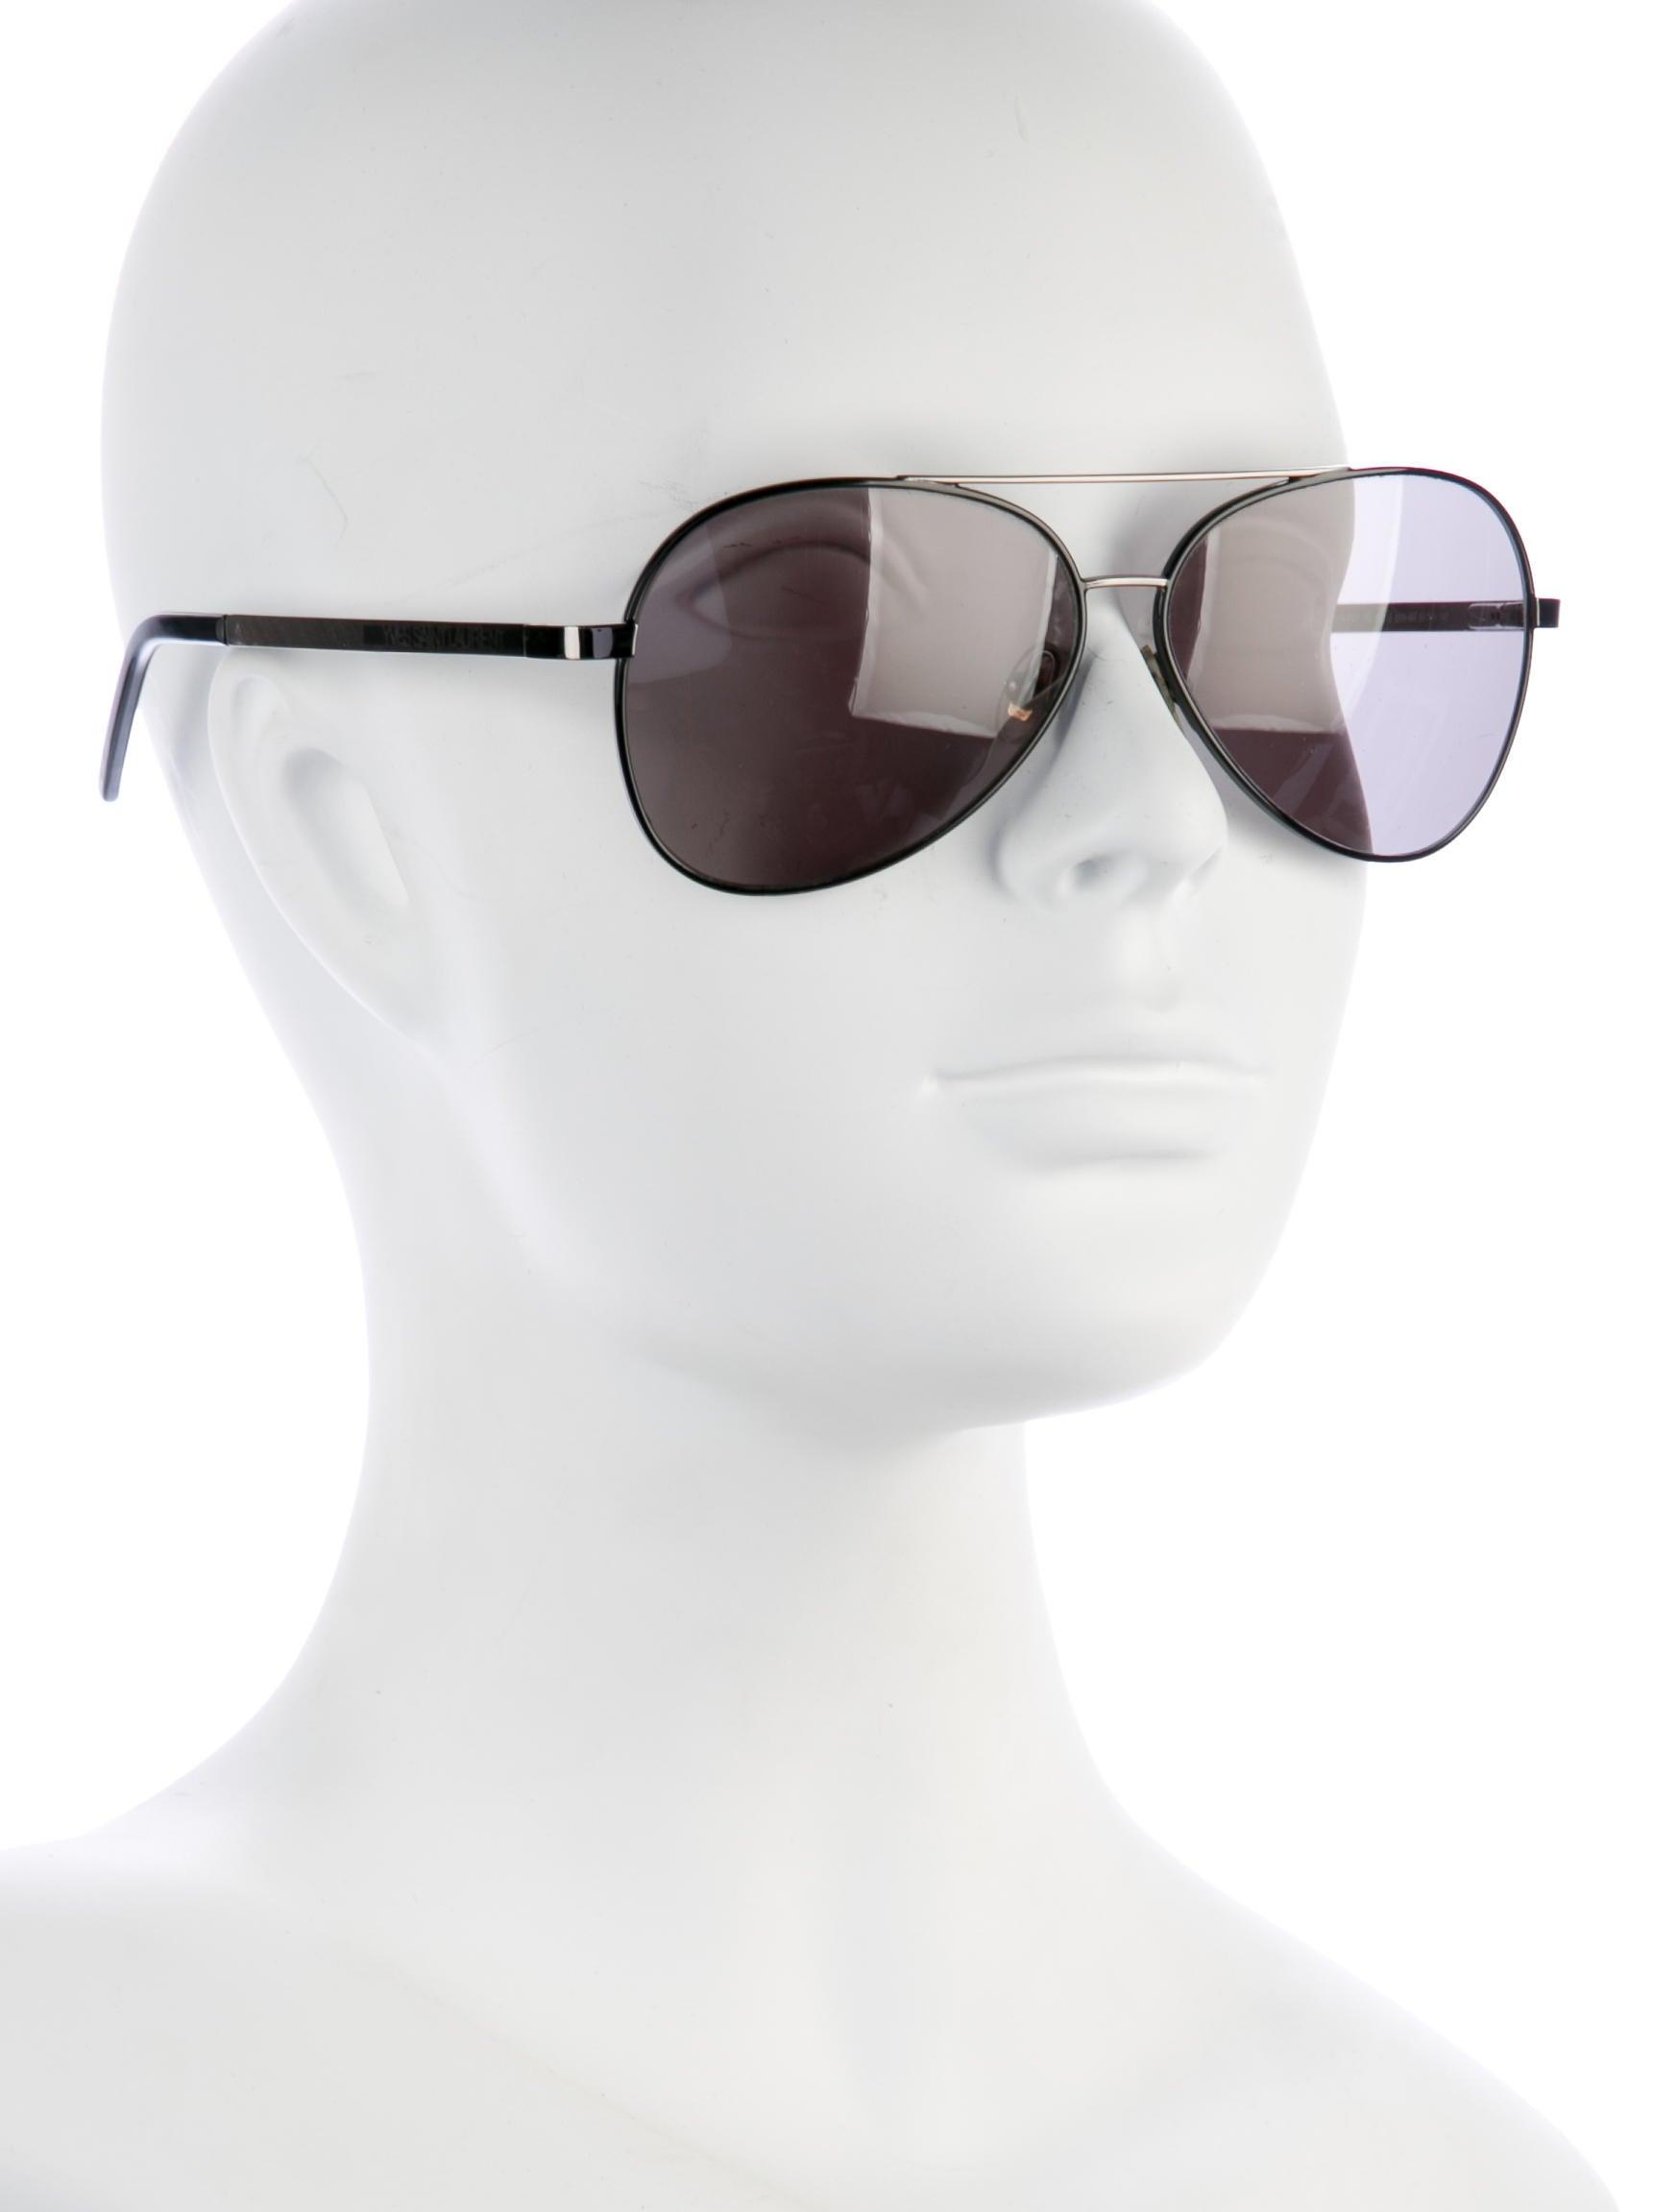 25f9c80031877 Ysl Aviator Sunglasses Black